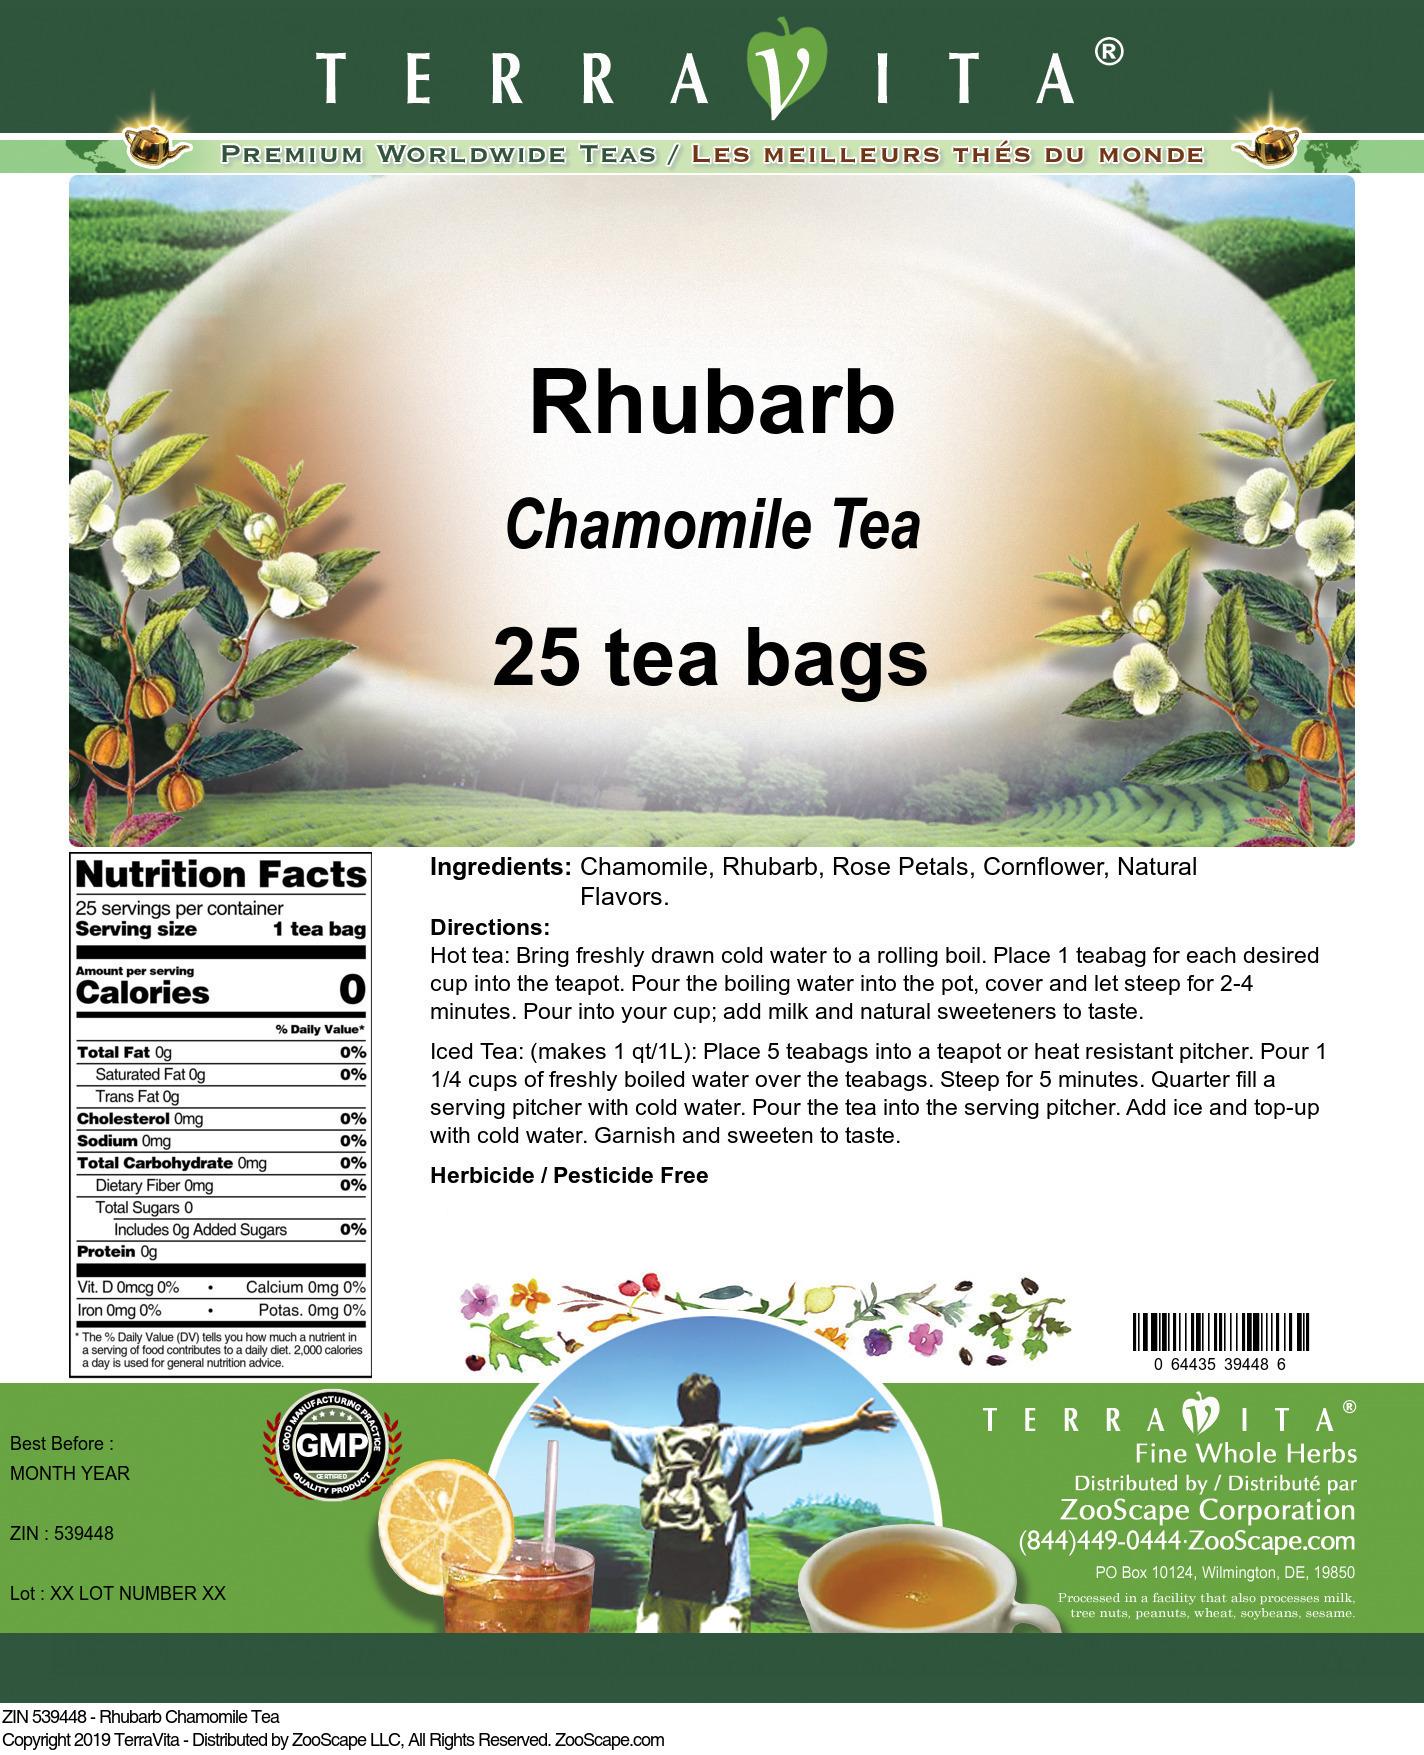 Rhubarb Chamomile Tea